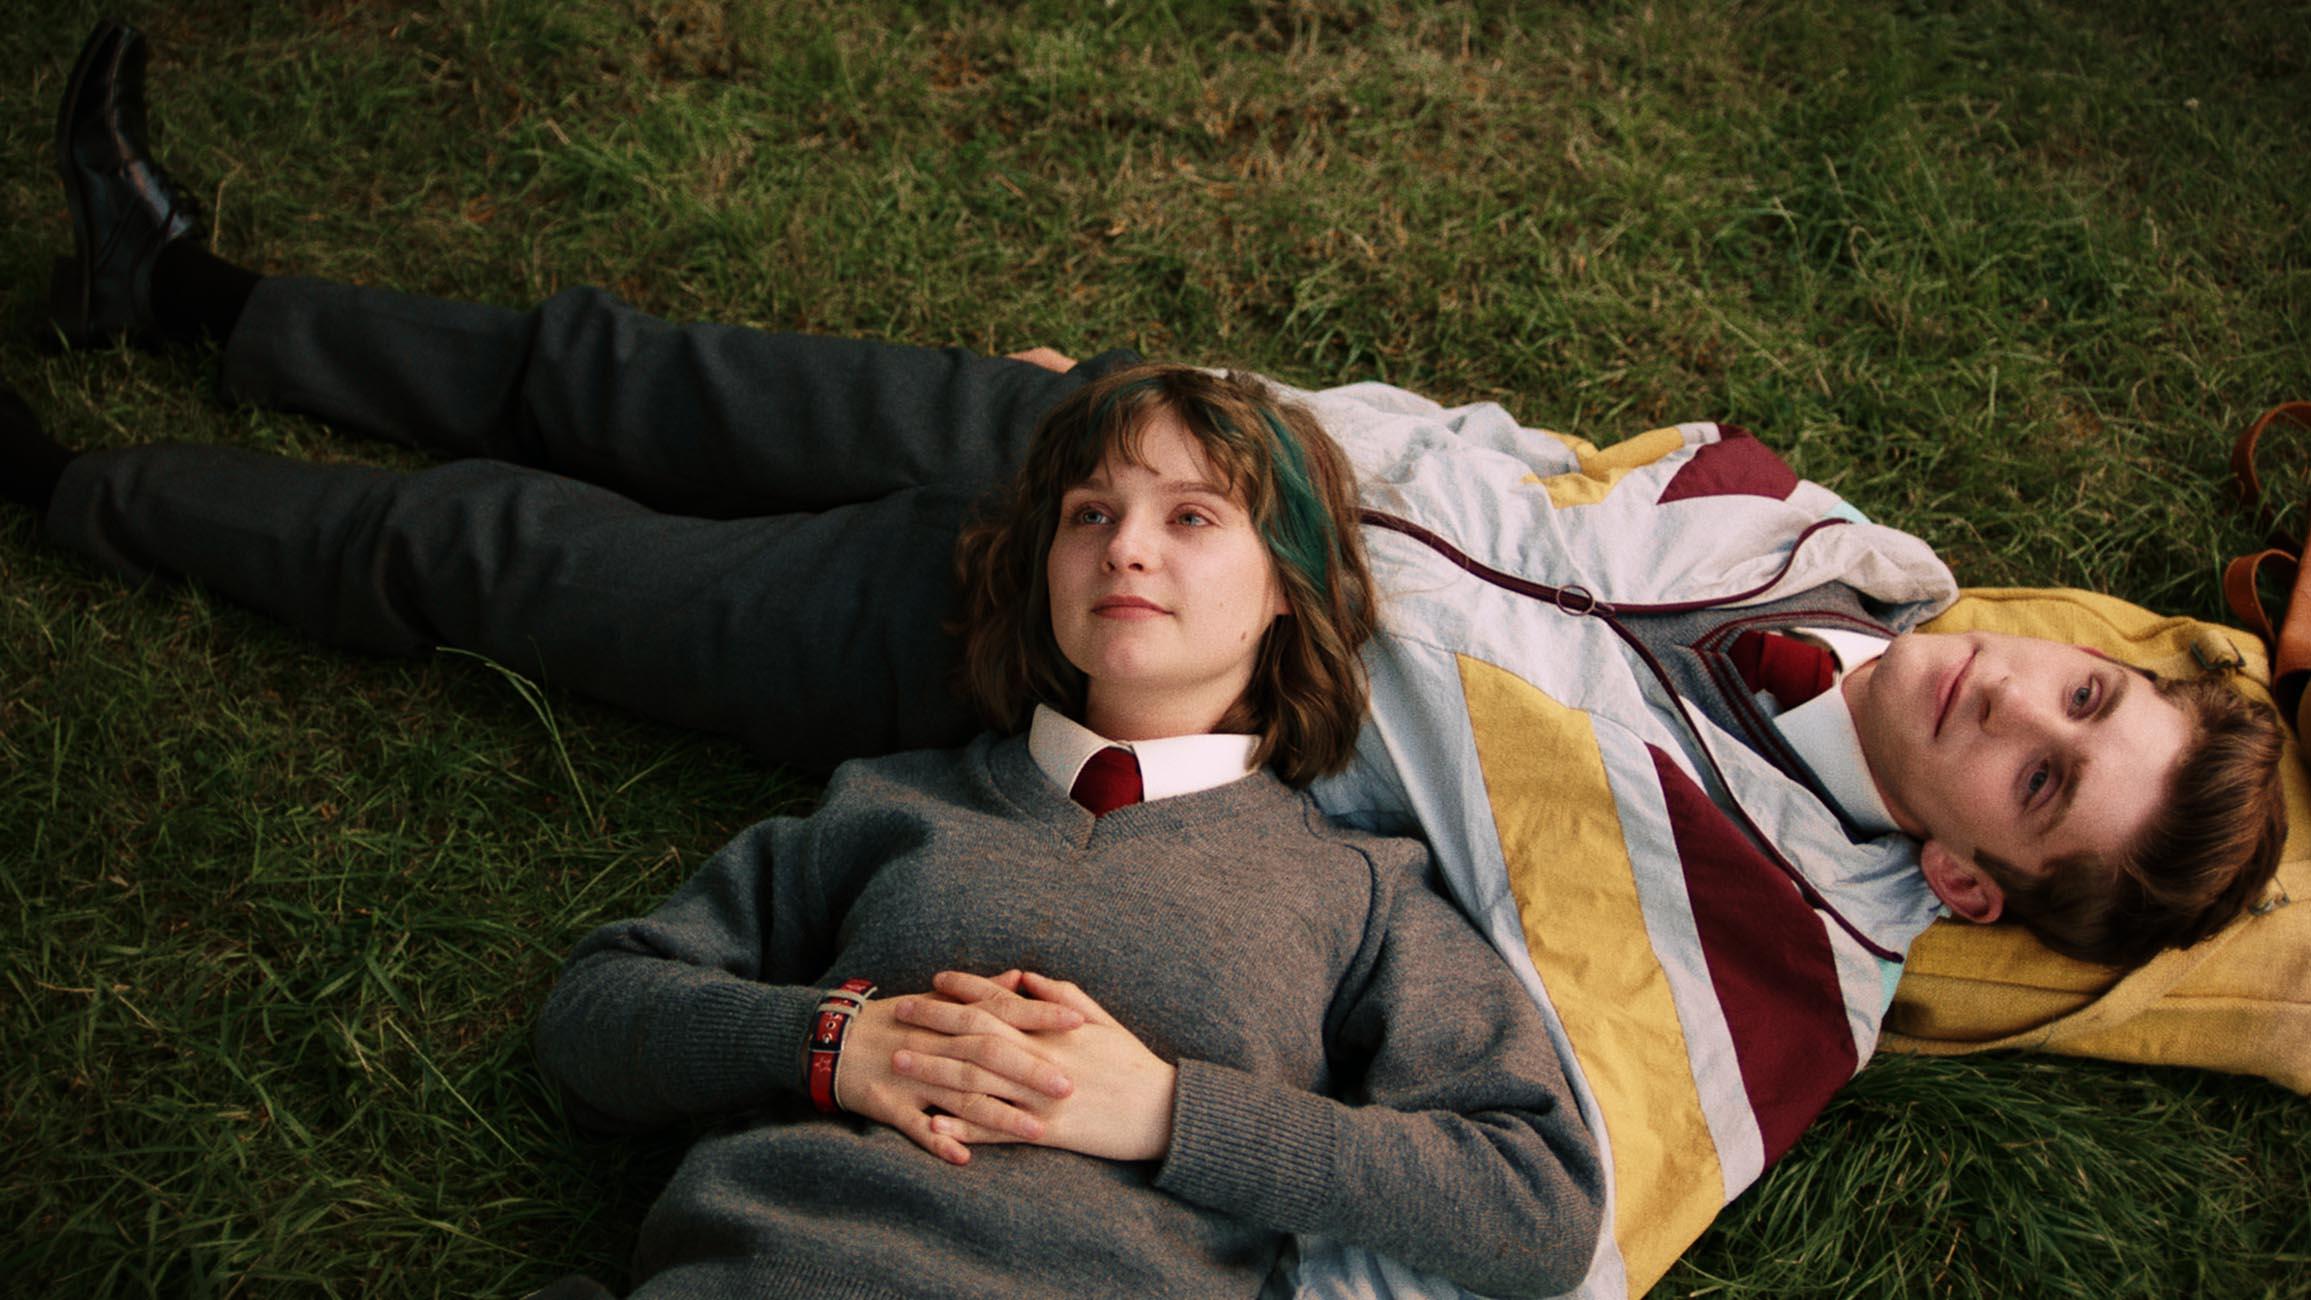 Dating Amber. Protagonizada por Fionn O'Shea y Lola Petticrew